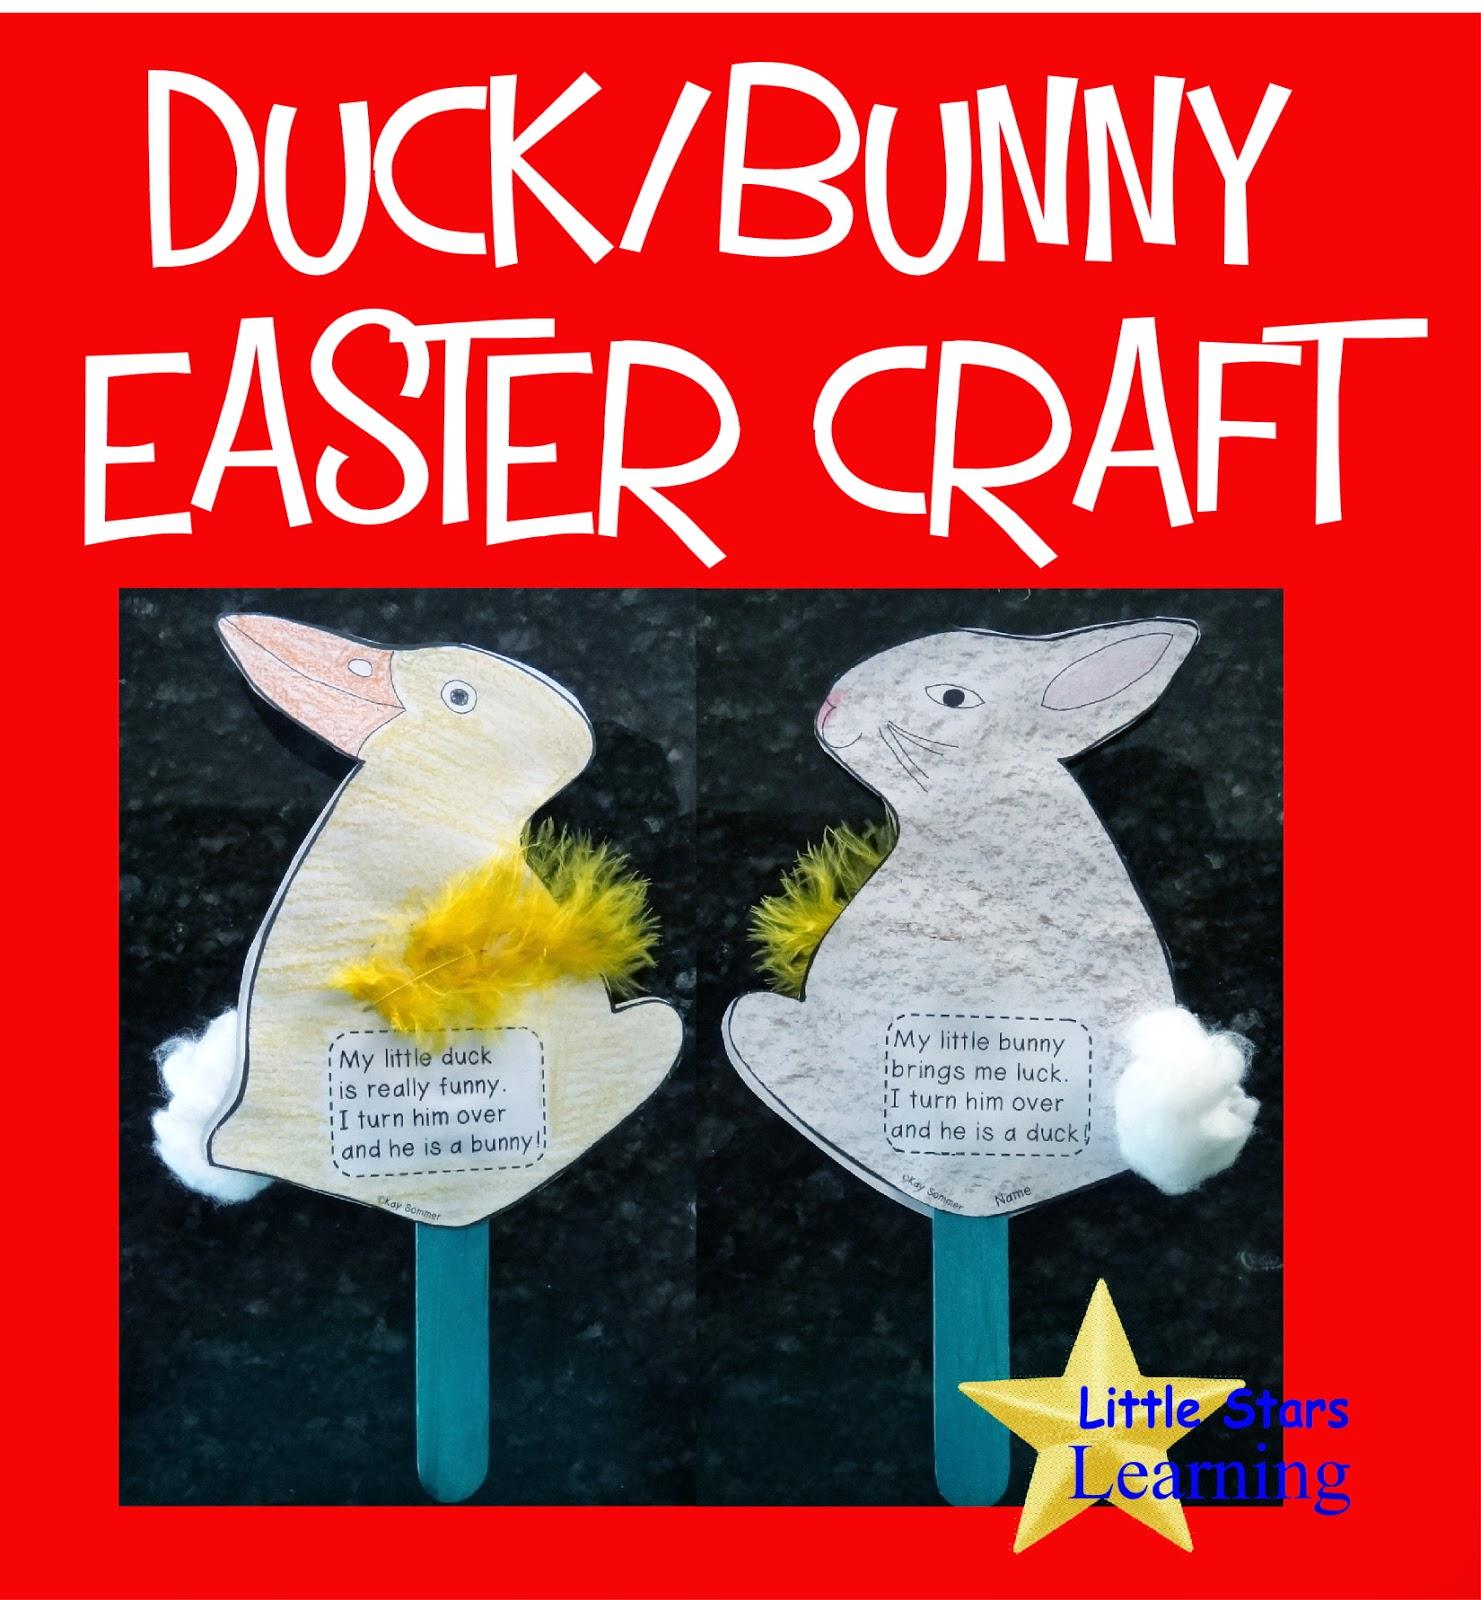 Little Stars Learning Duck Bunny Easter Preschool